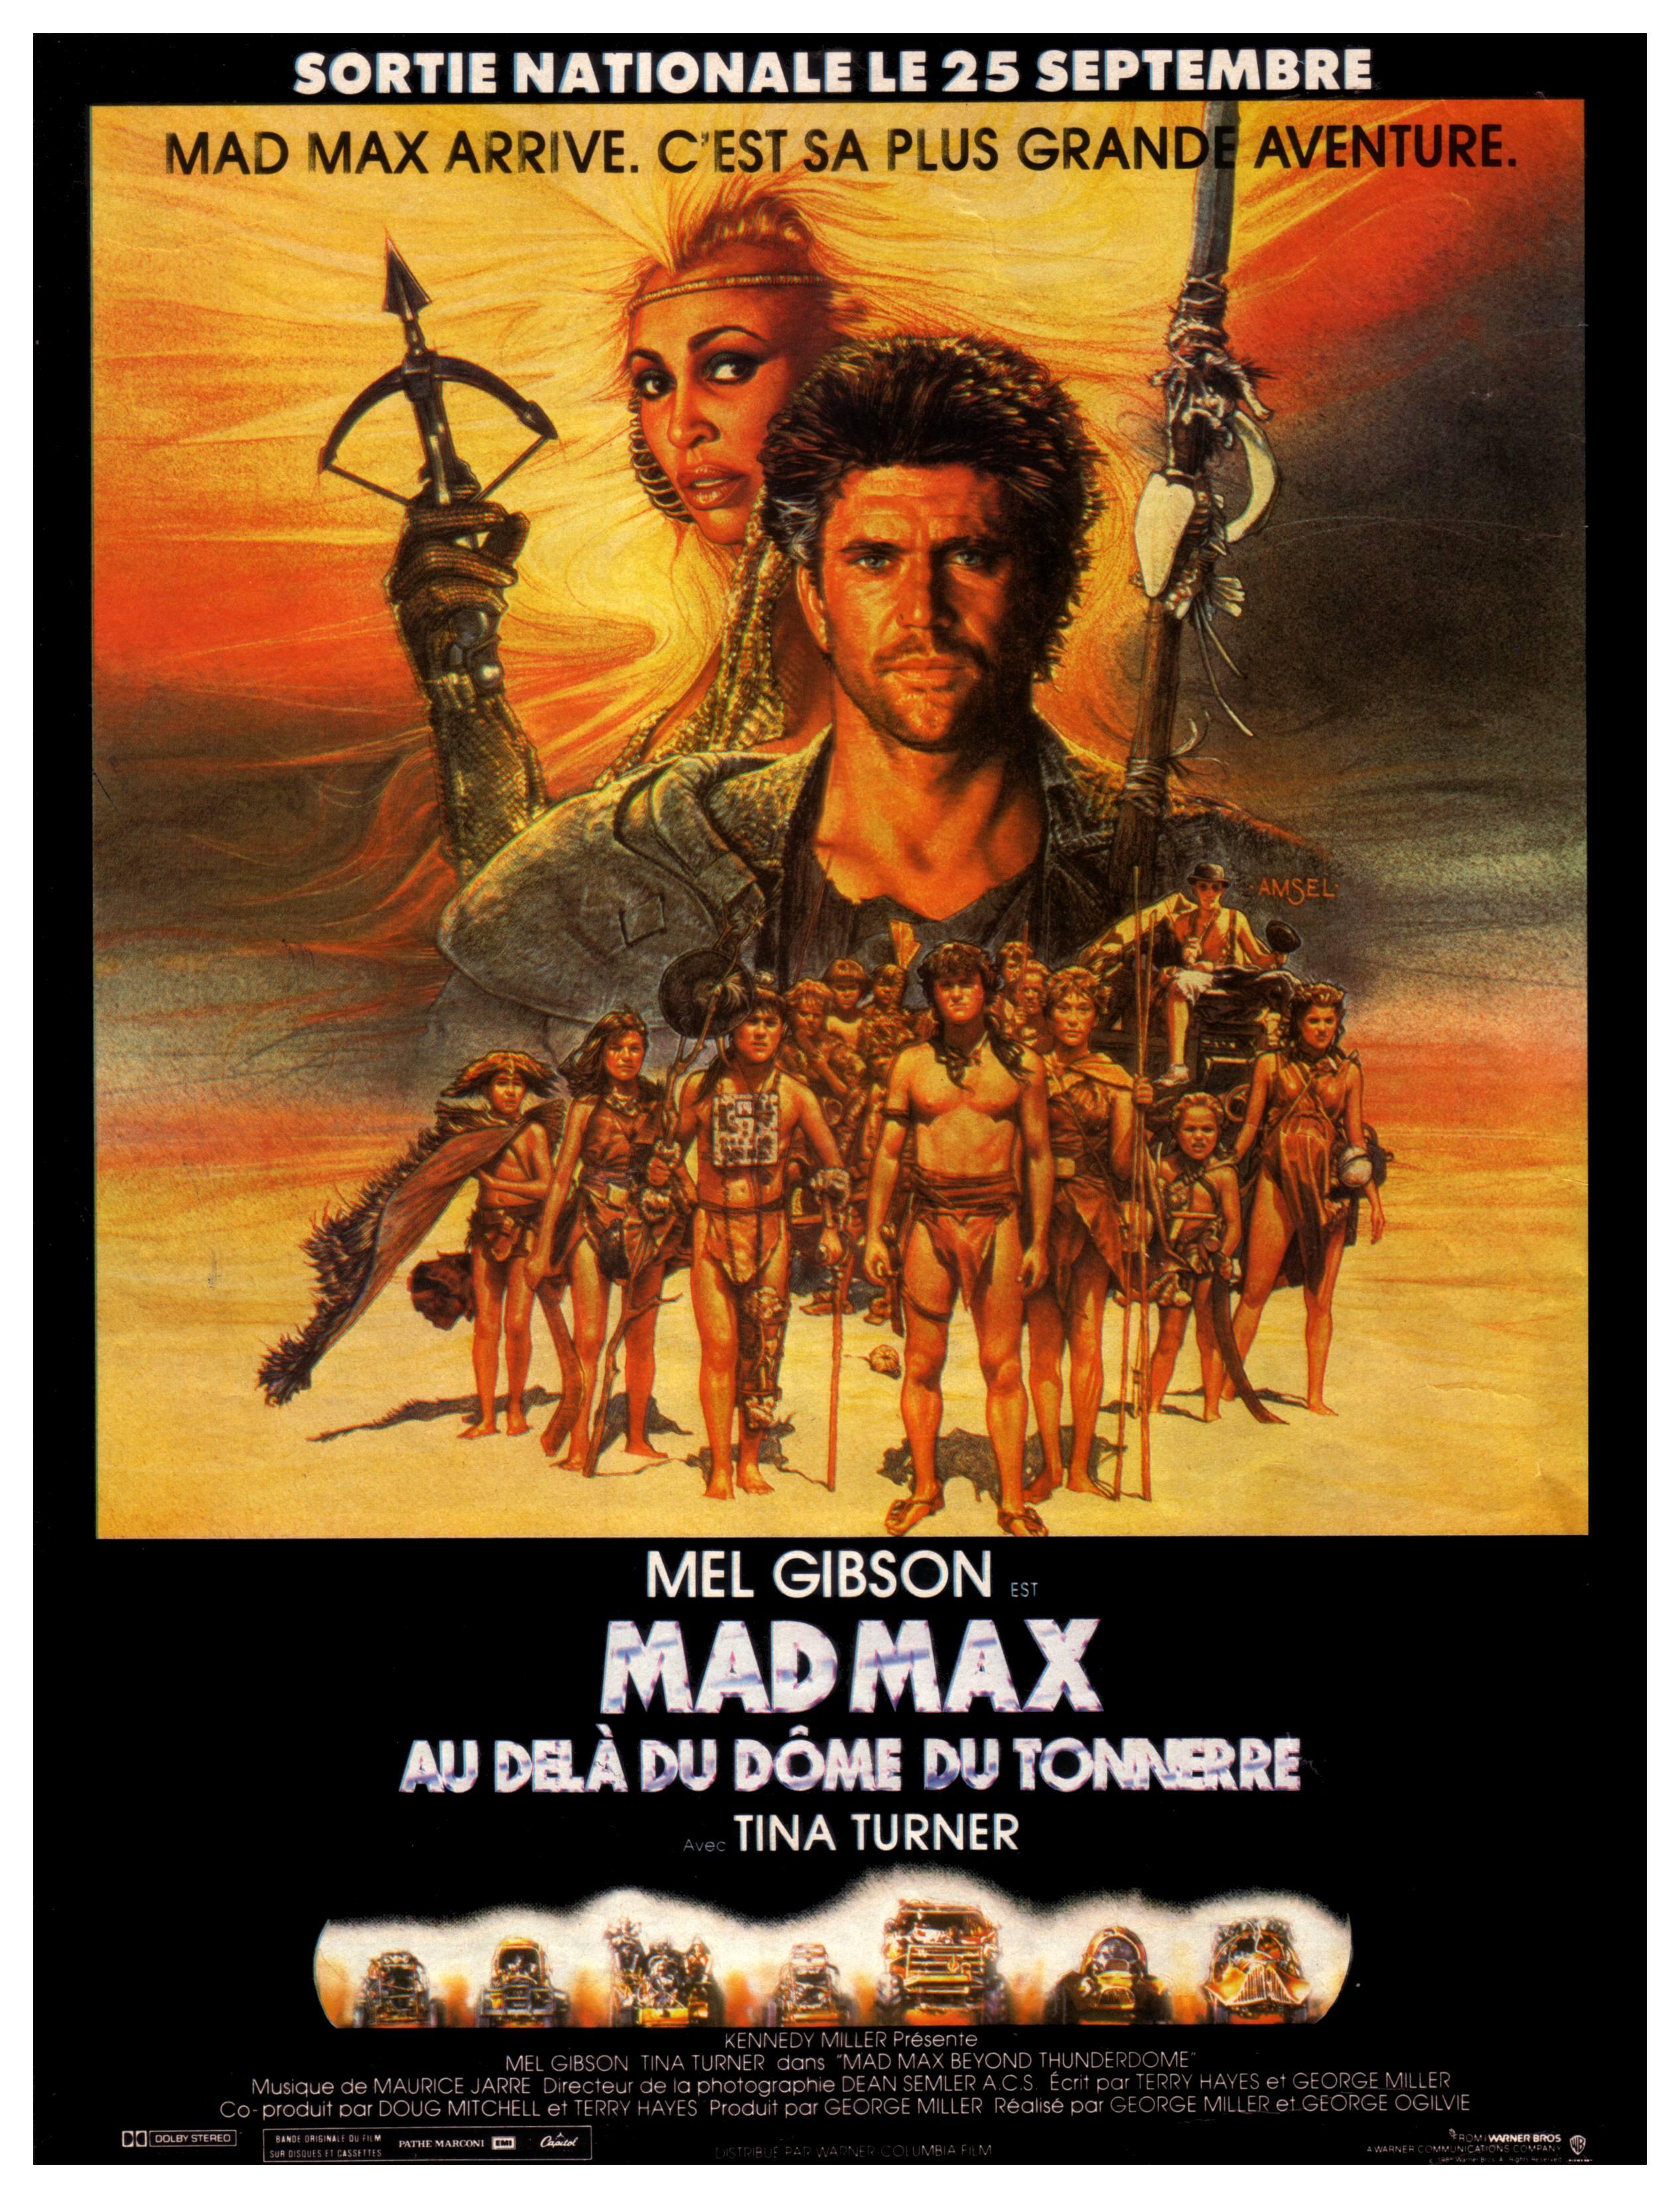 affiche du film Mad Max 3 : Au-delà du dôme du tonnerre